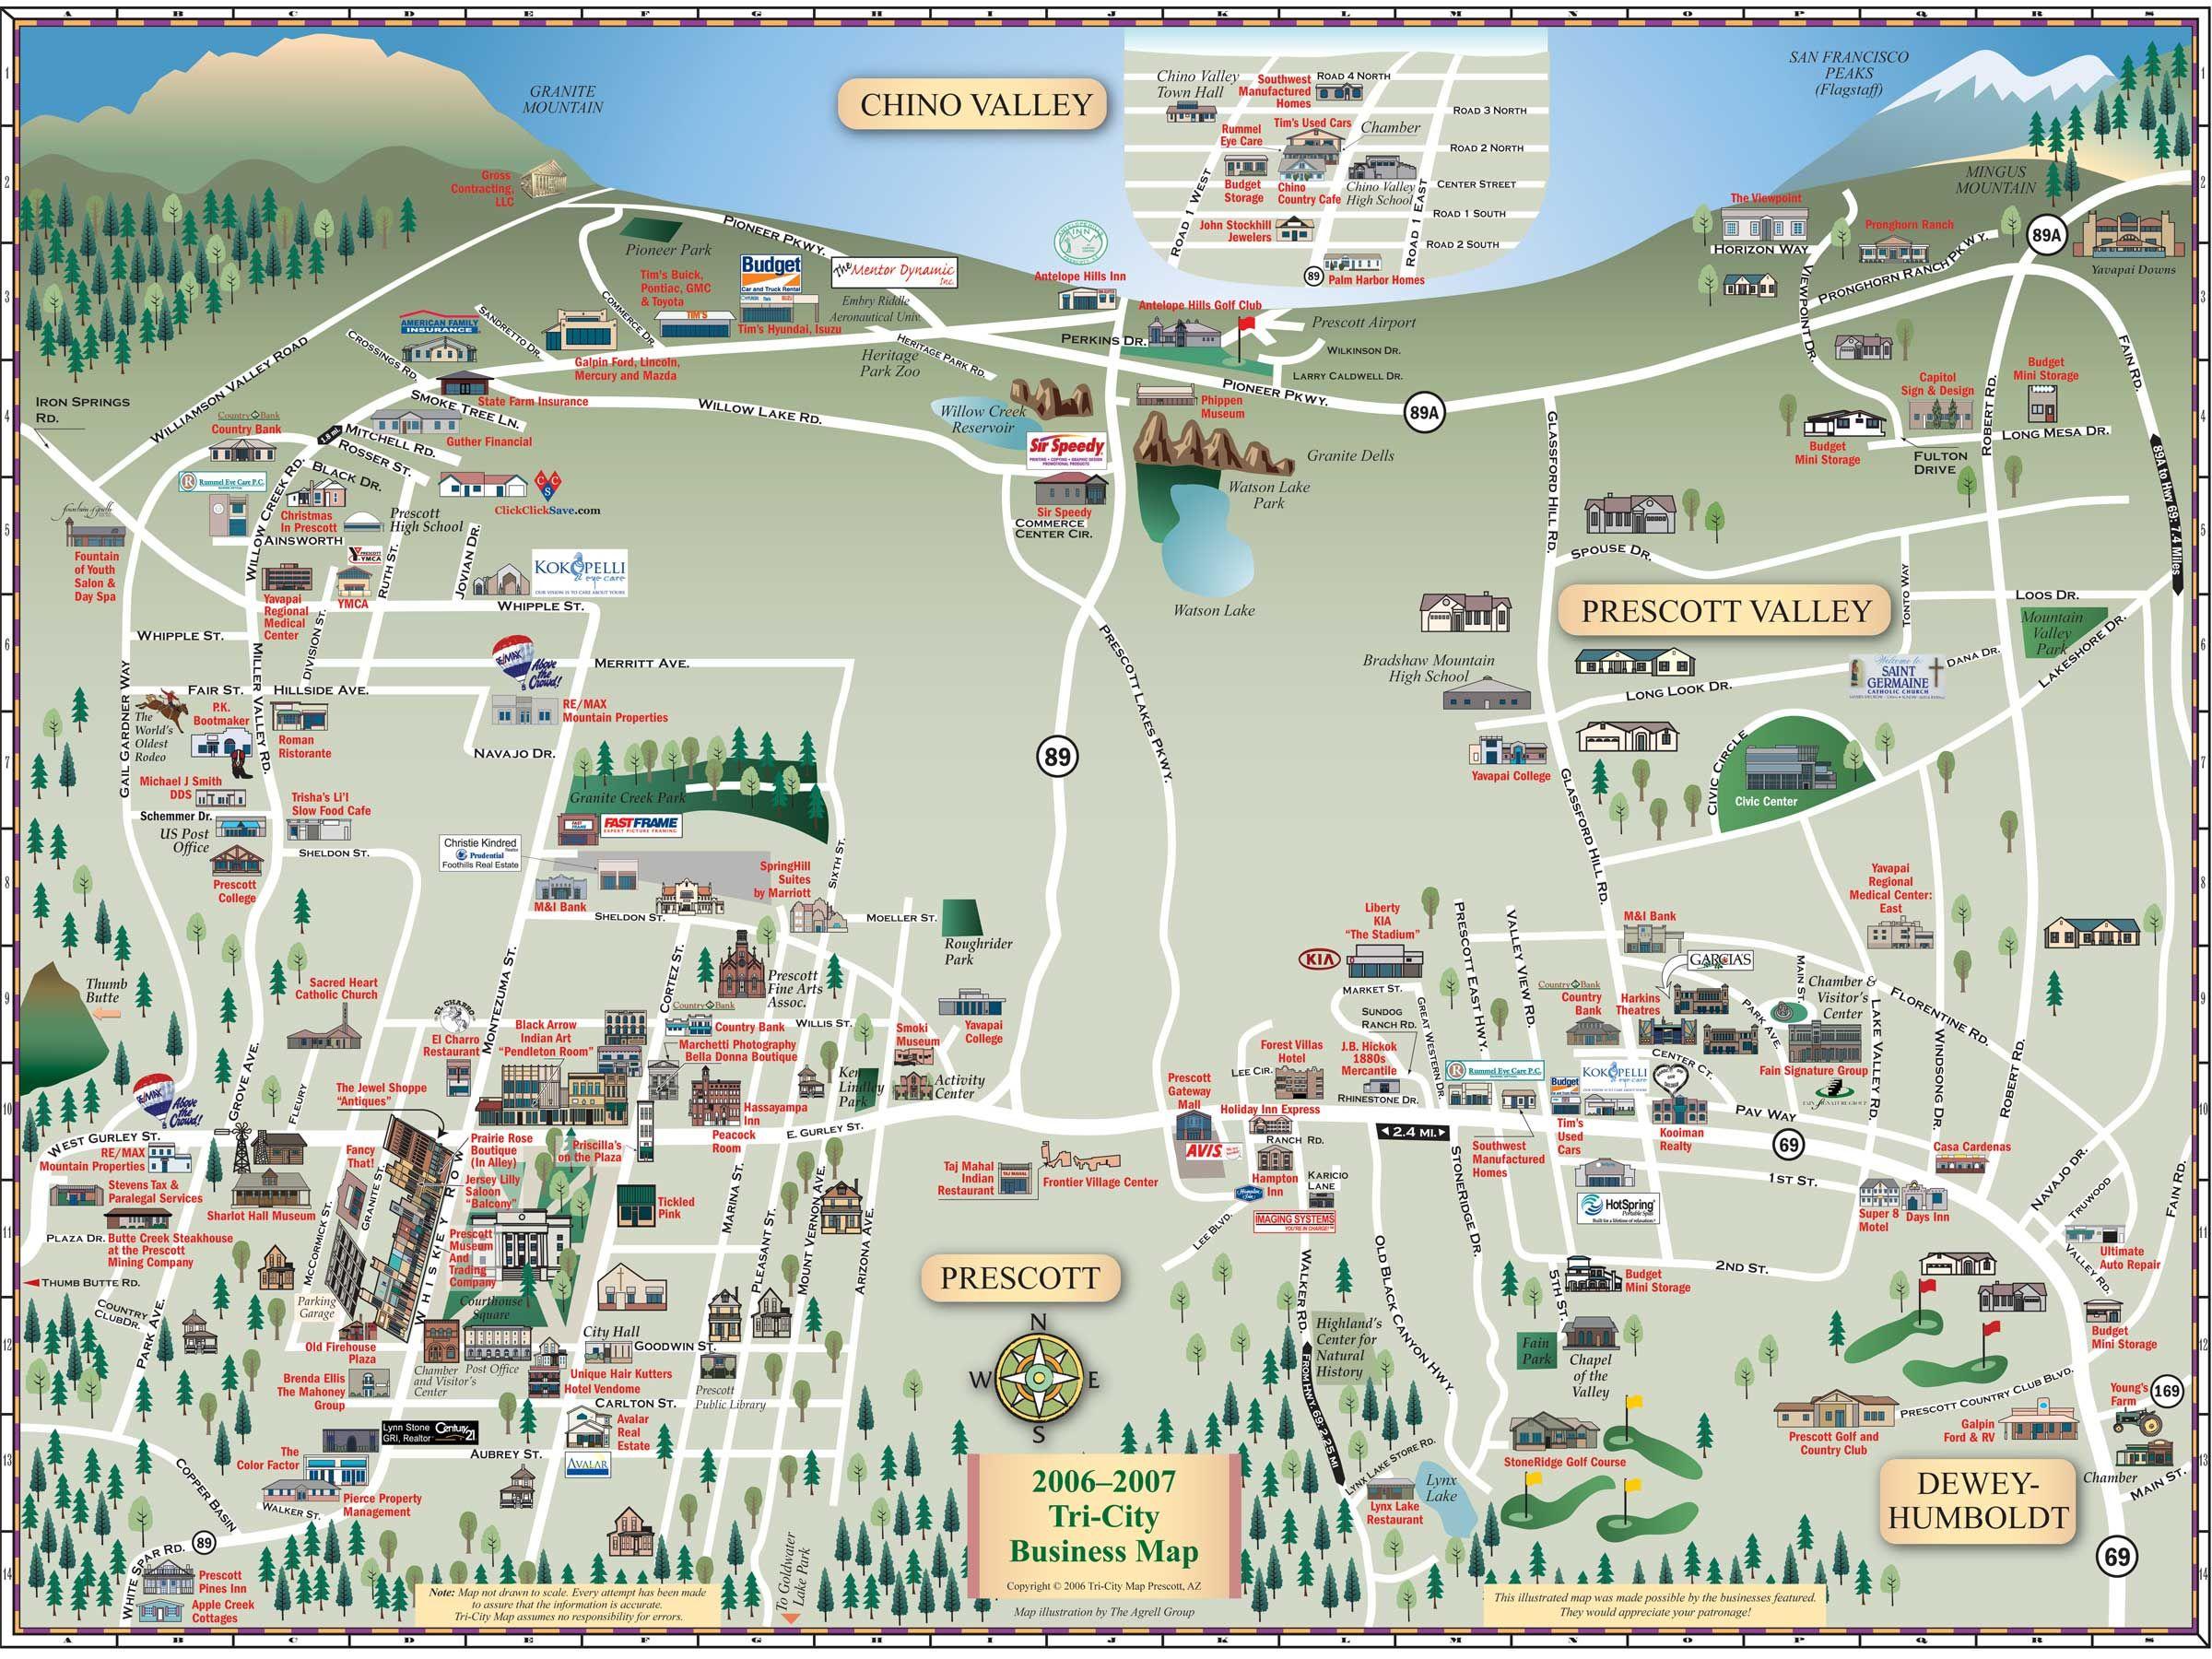 Prescott Tourist Map Prescott Arizona Mappery Prescott